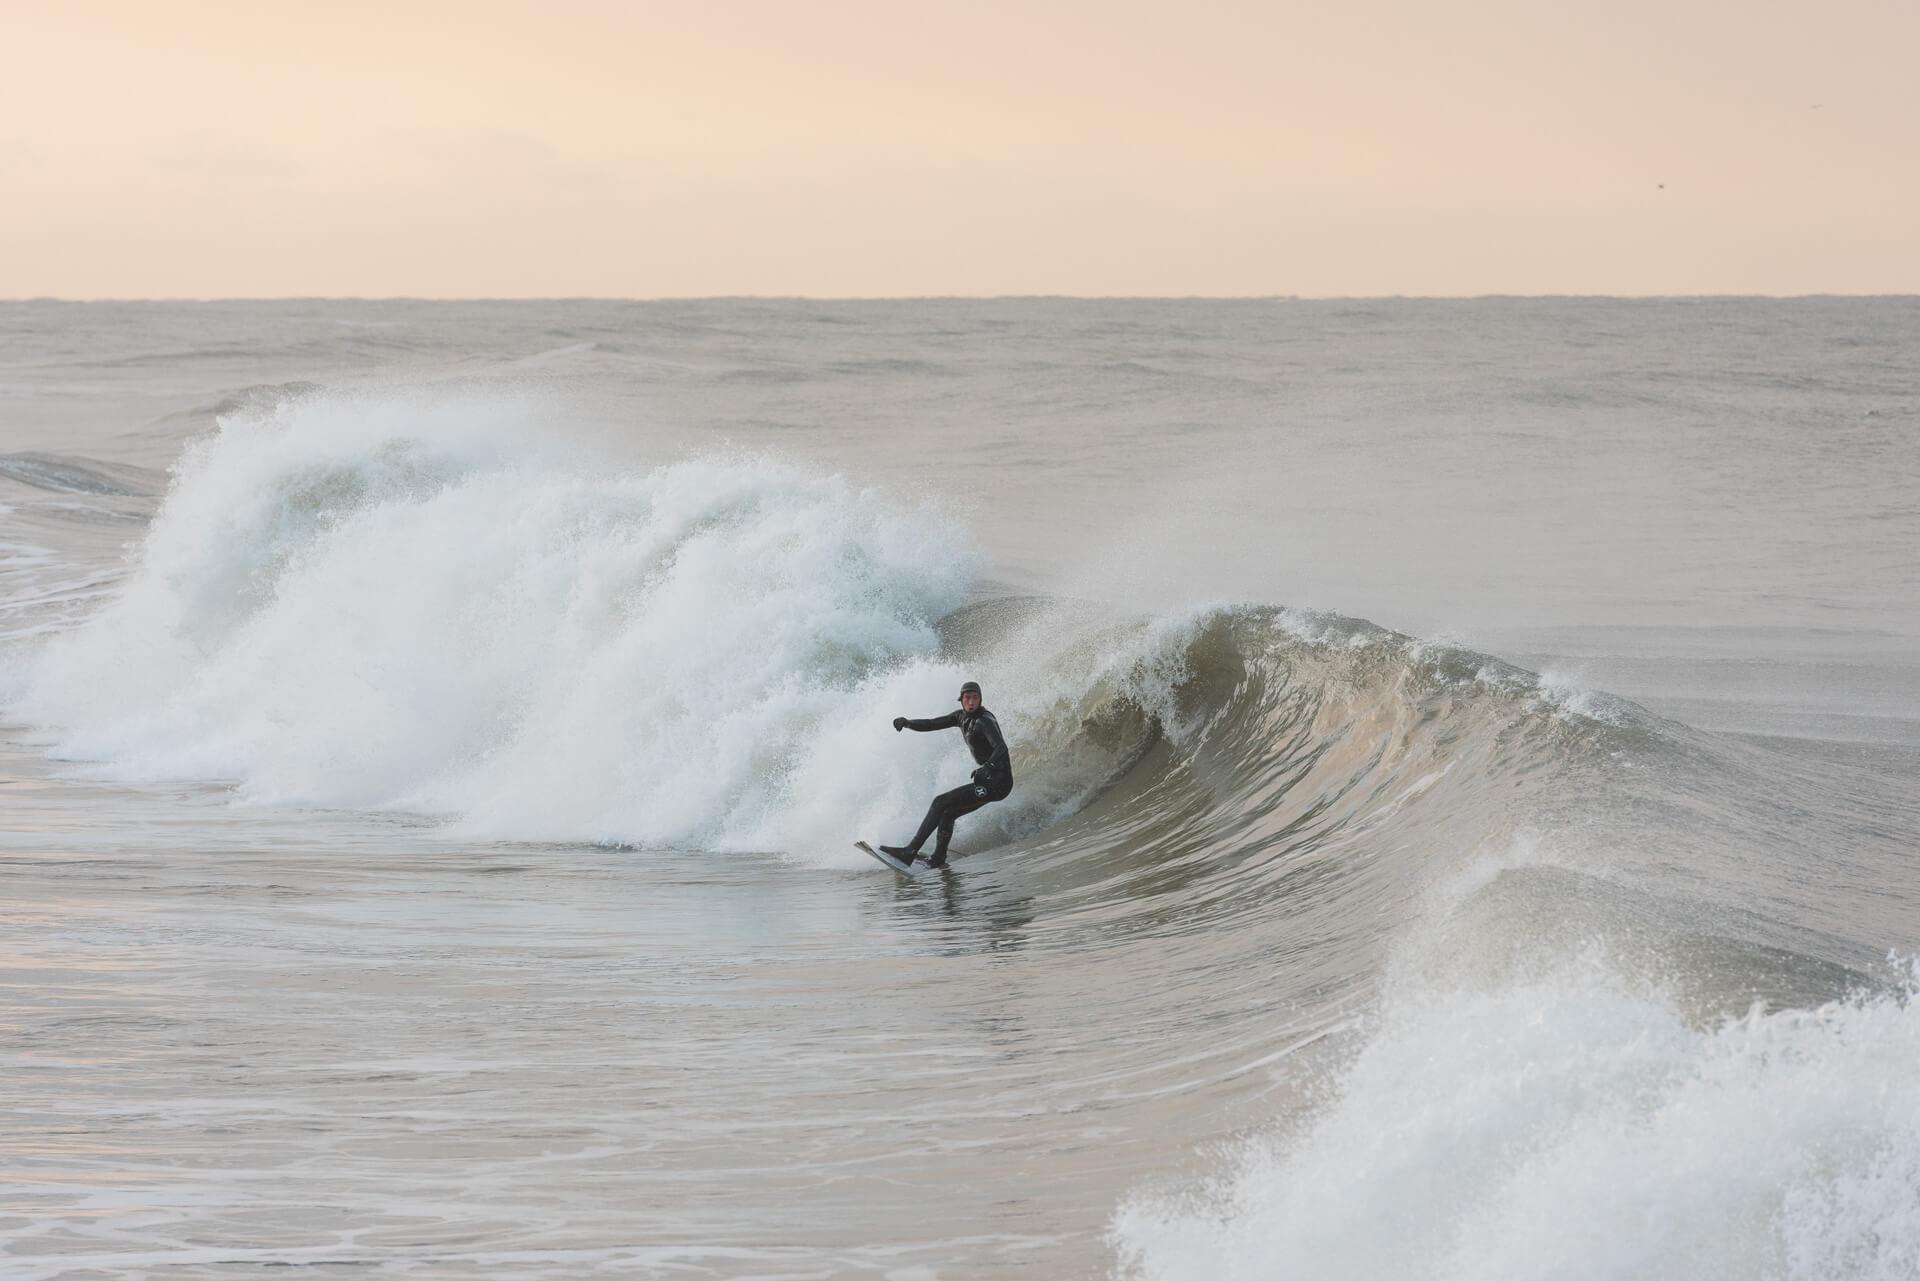 Foto von der Fotostory Redeleit und Junker zeigt einen Surfer in einer Welle surfend